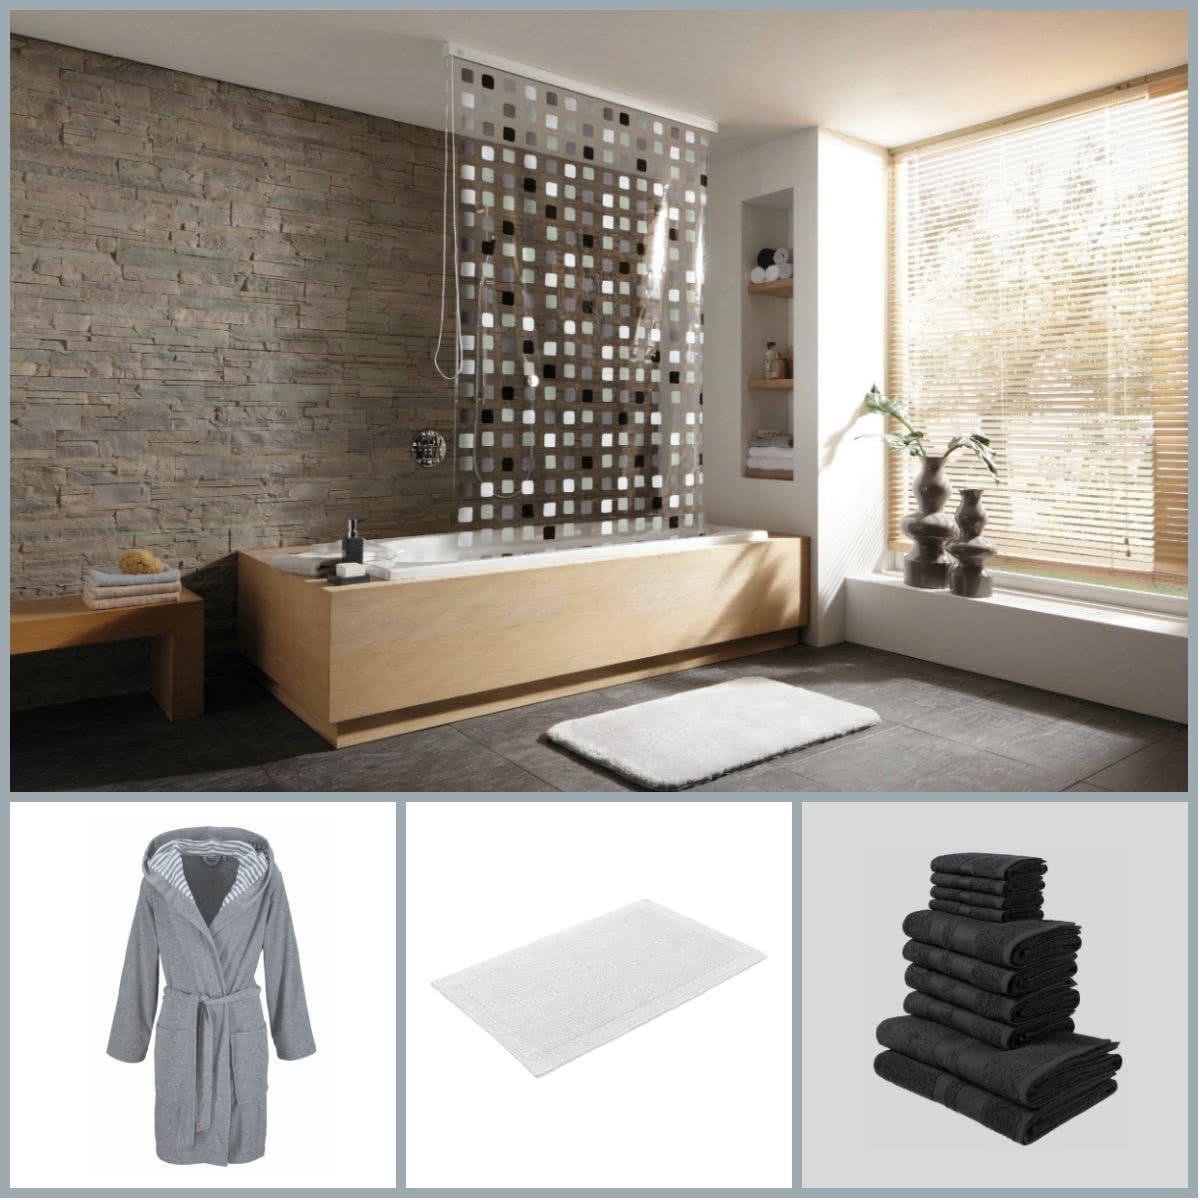 Duschvorhang, Bademantel, Handtücher und Co. für die erste eigene Wohnung